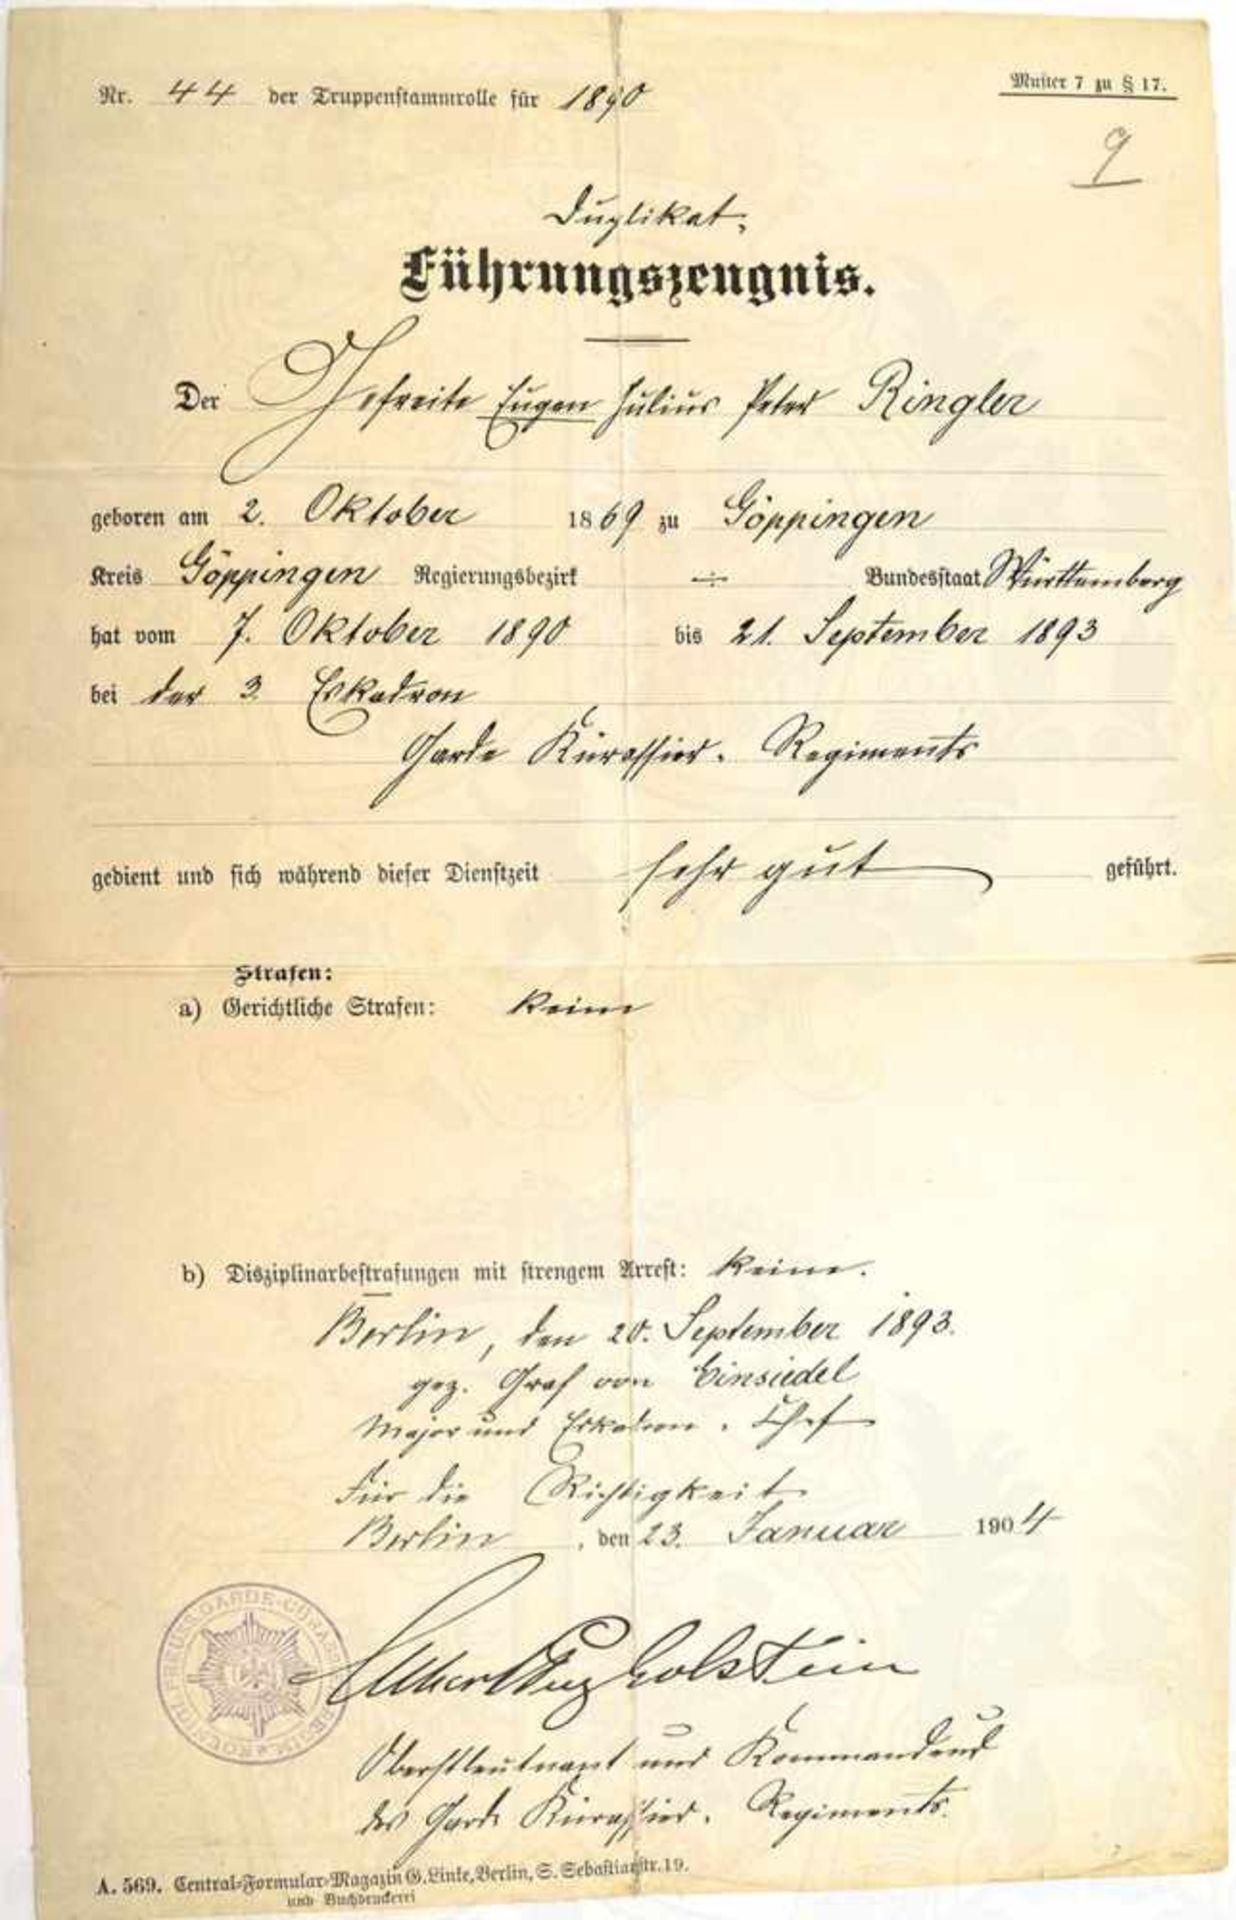 SCHLESWIG HOLSTEIN SONDERBURG-GLÜCKSBURG, Prinz Albert zu, (Generalleutnant, 1863-1948, im WK b.